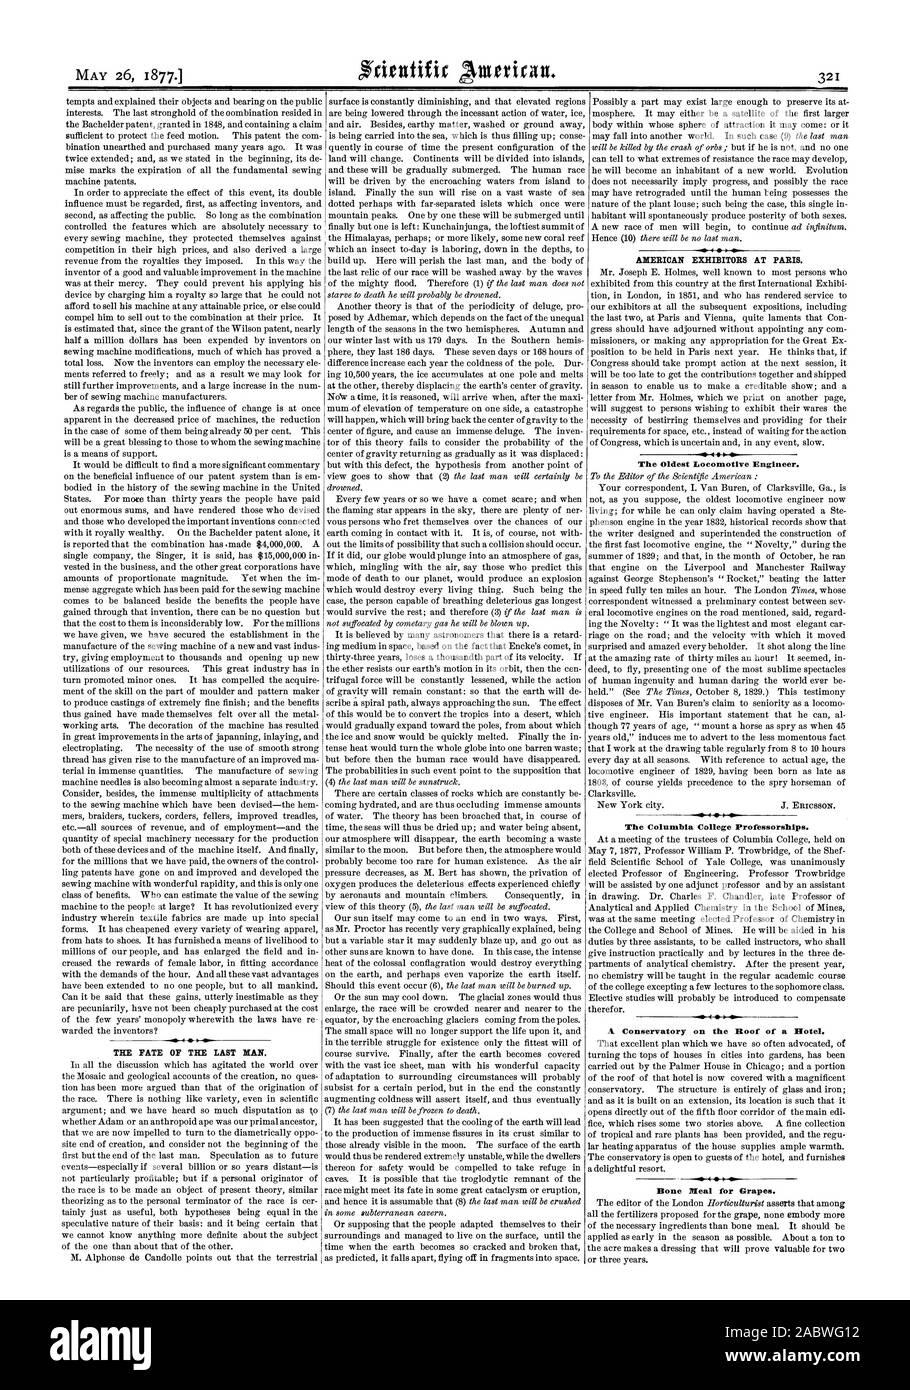 Le SORT DU DERNIER HOMME. Les exposants AMÉRICAINS À PARIS. Le plus ancien mécanicien. Le Columbia College Professeur invité. Une véranda sur le toit d'un hôtel. Guérir les os pour les raisins., Scientific American, 1877-05-26 Banque D'Images